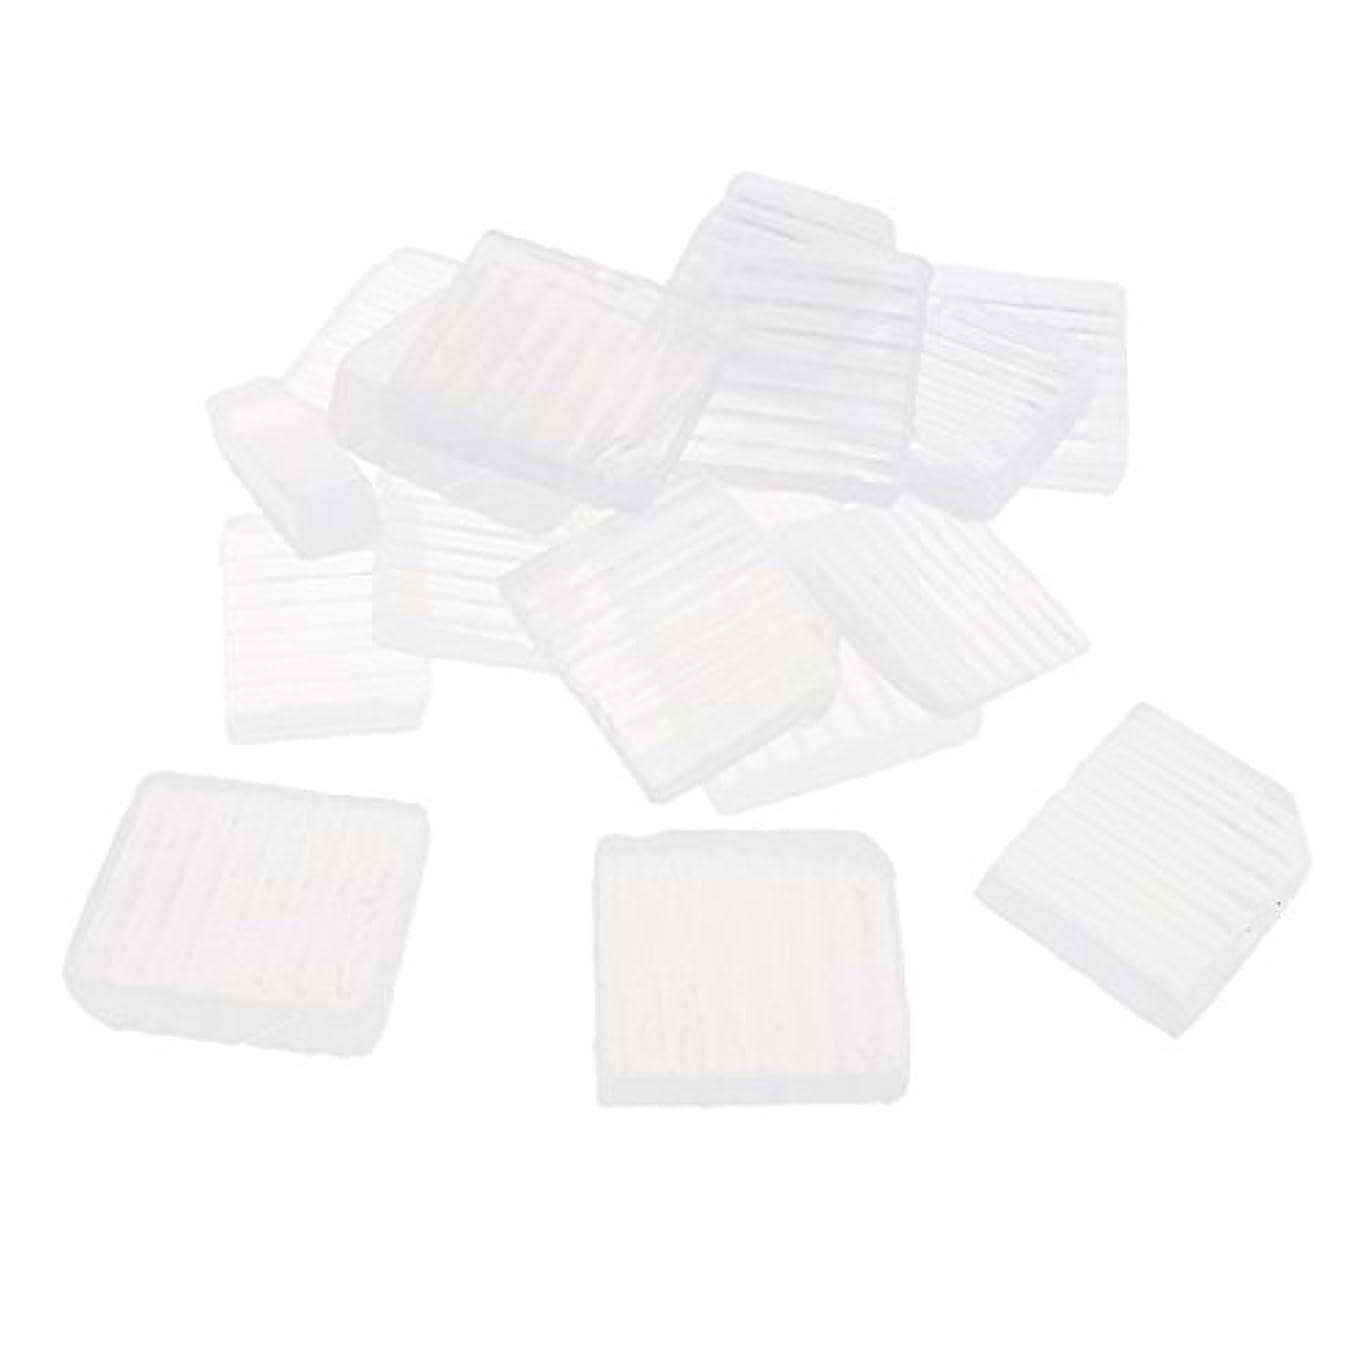 偽善者韓国エキス透明 石鹸ベース DIY 手作り 石鹸 約1 KG